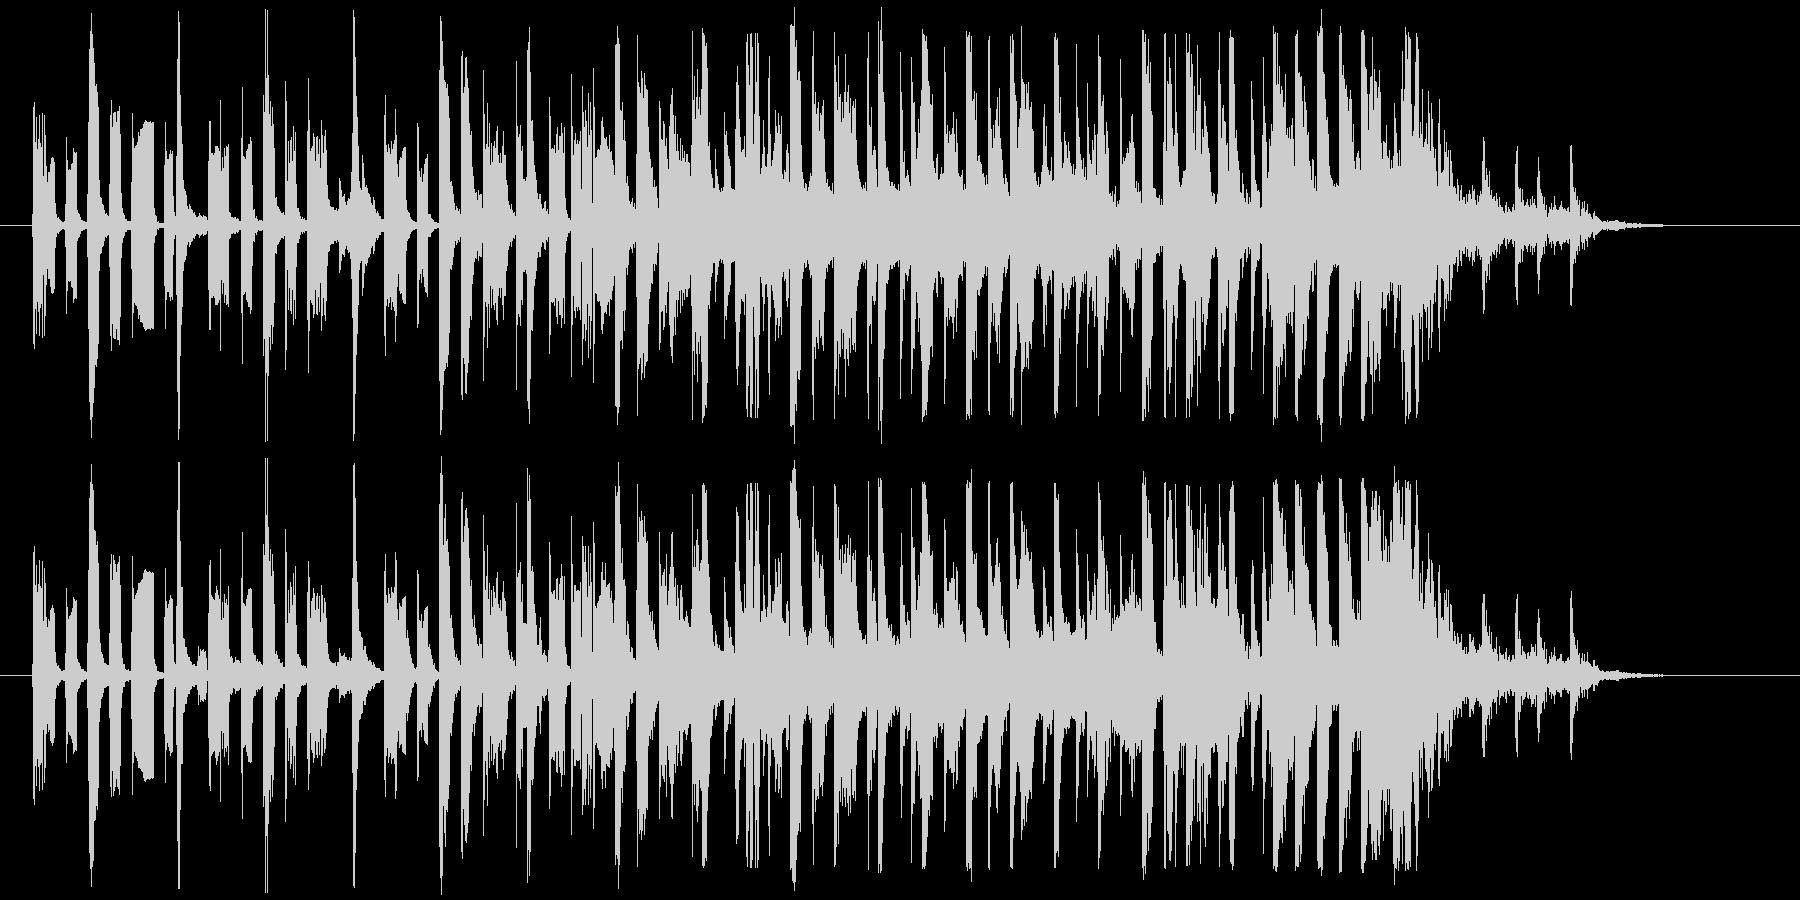 深夜のラジオで流れてきそうなジングルの未再生の波形